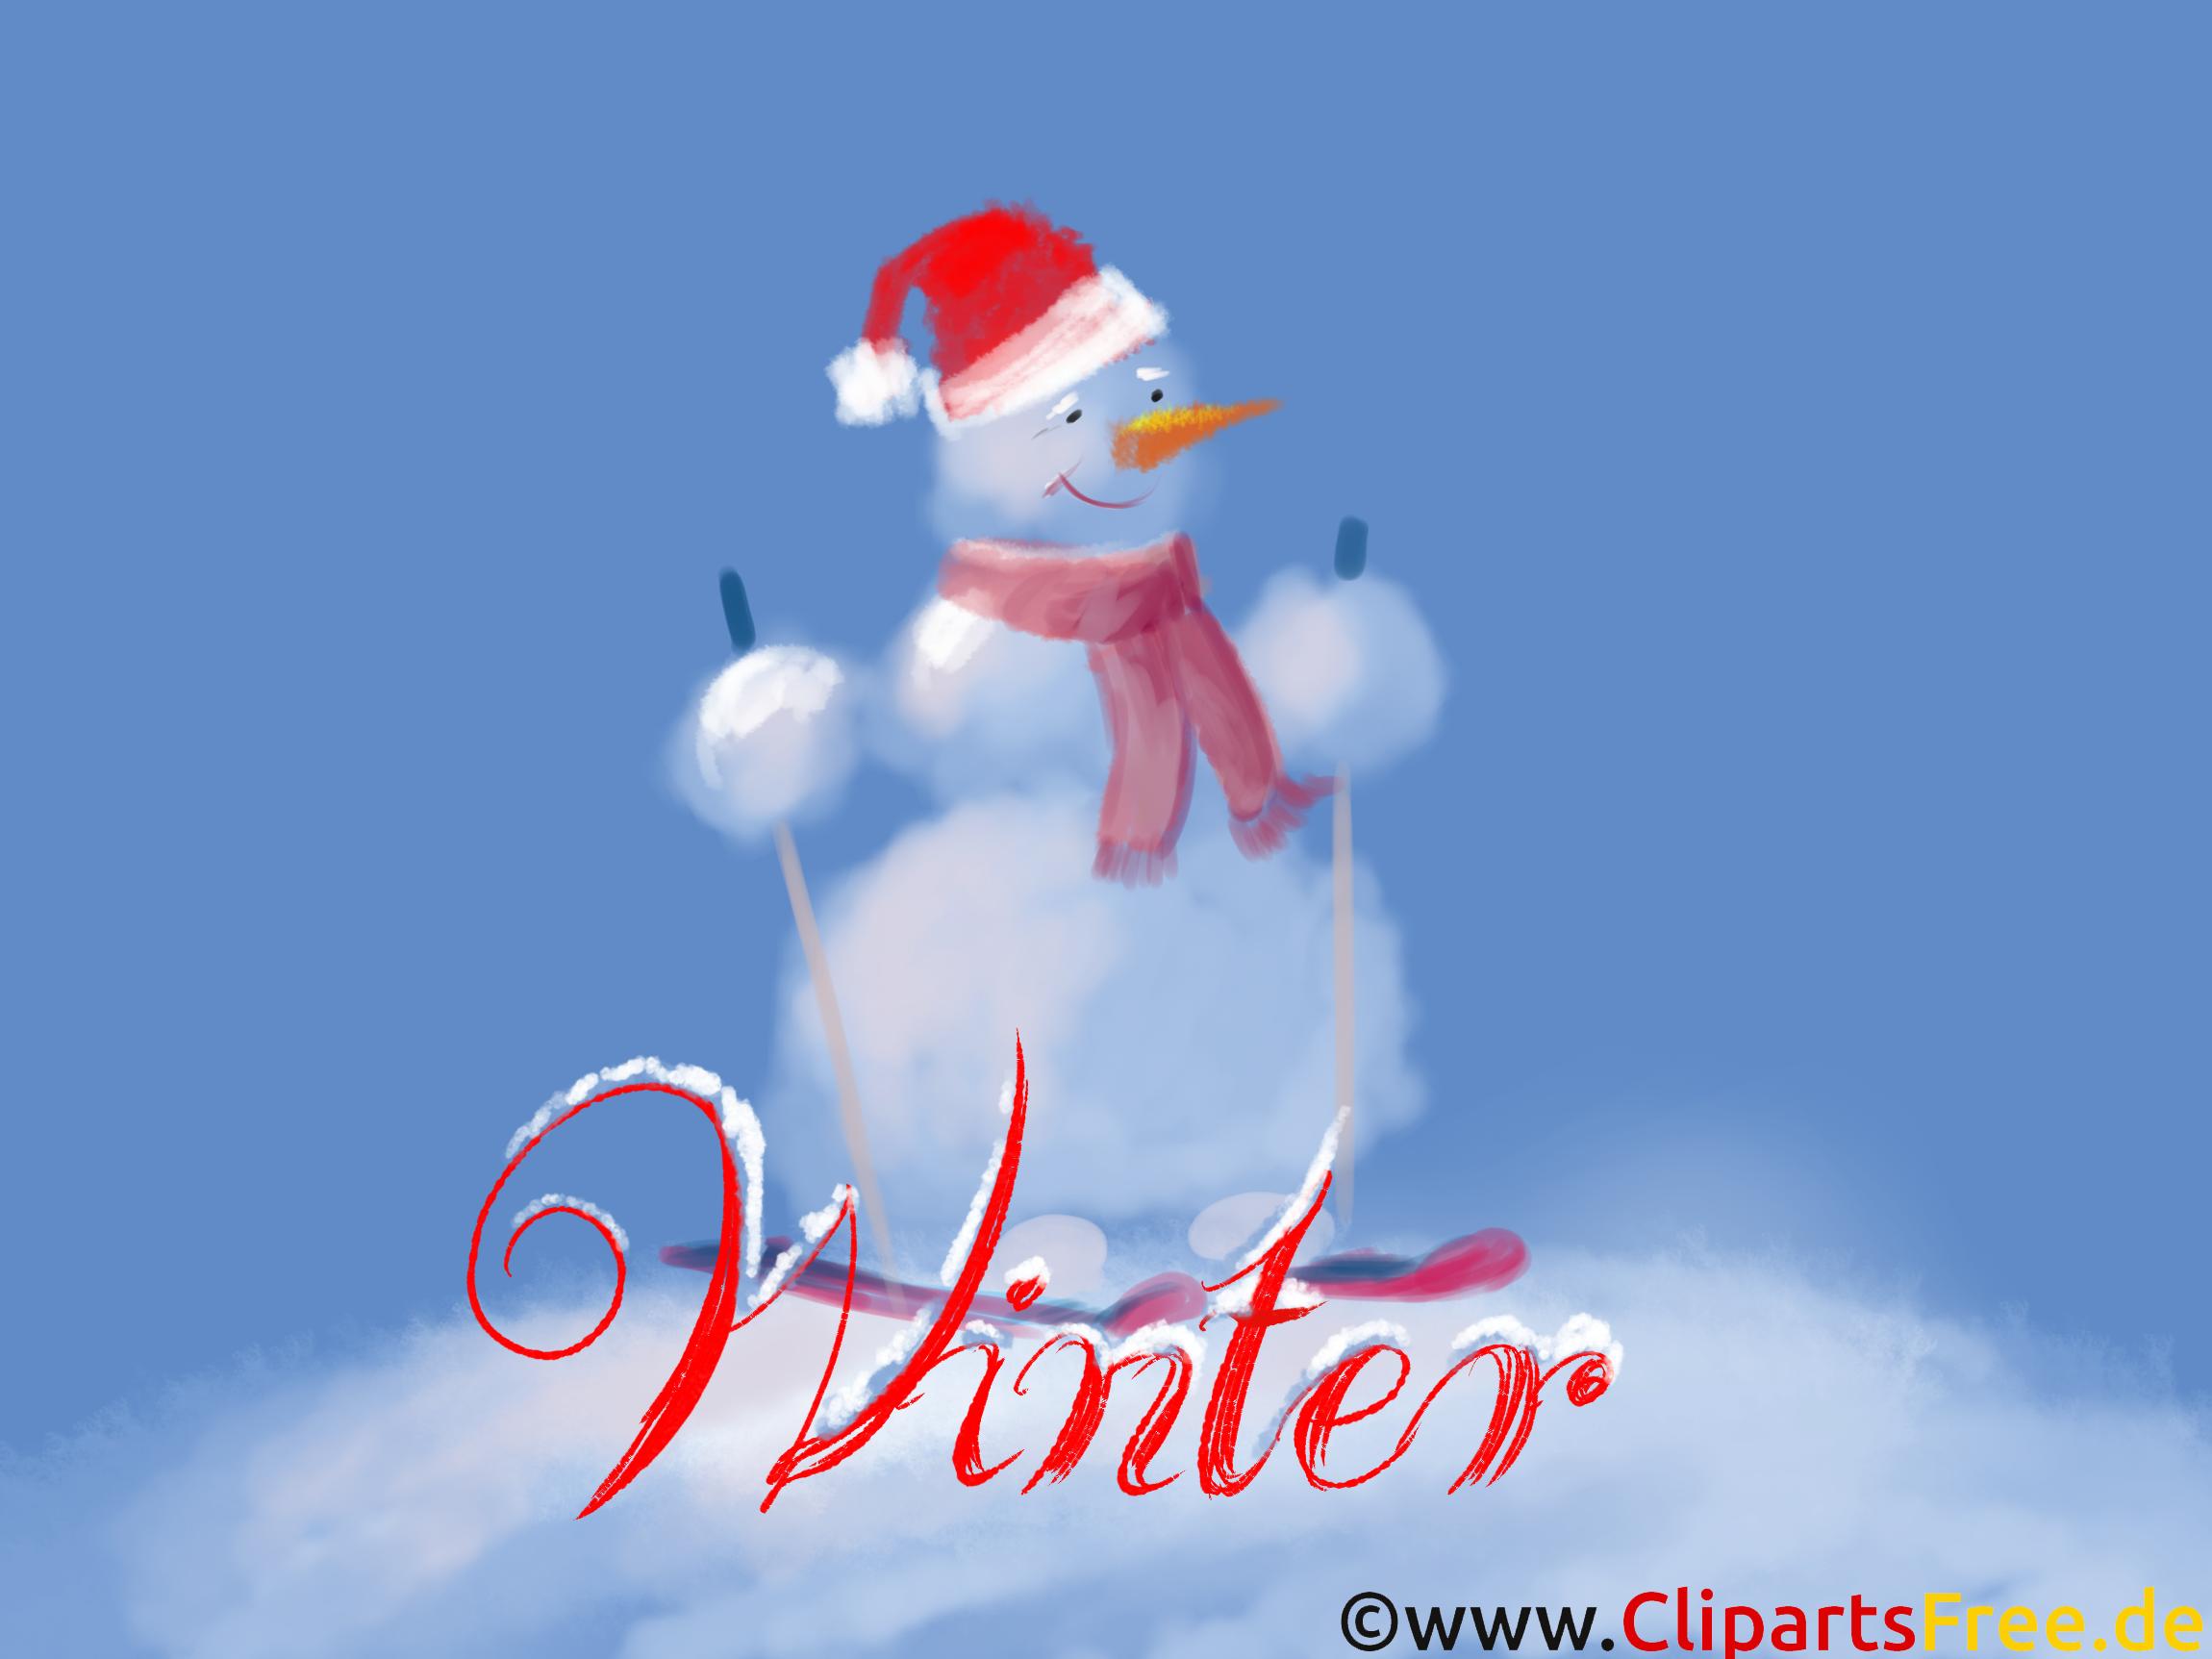 デスクトップの壁紙雪だるま 冬 雪 クリスマス 出現